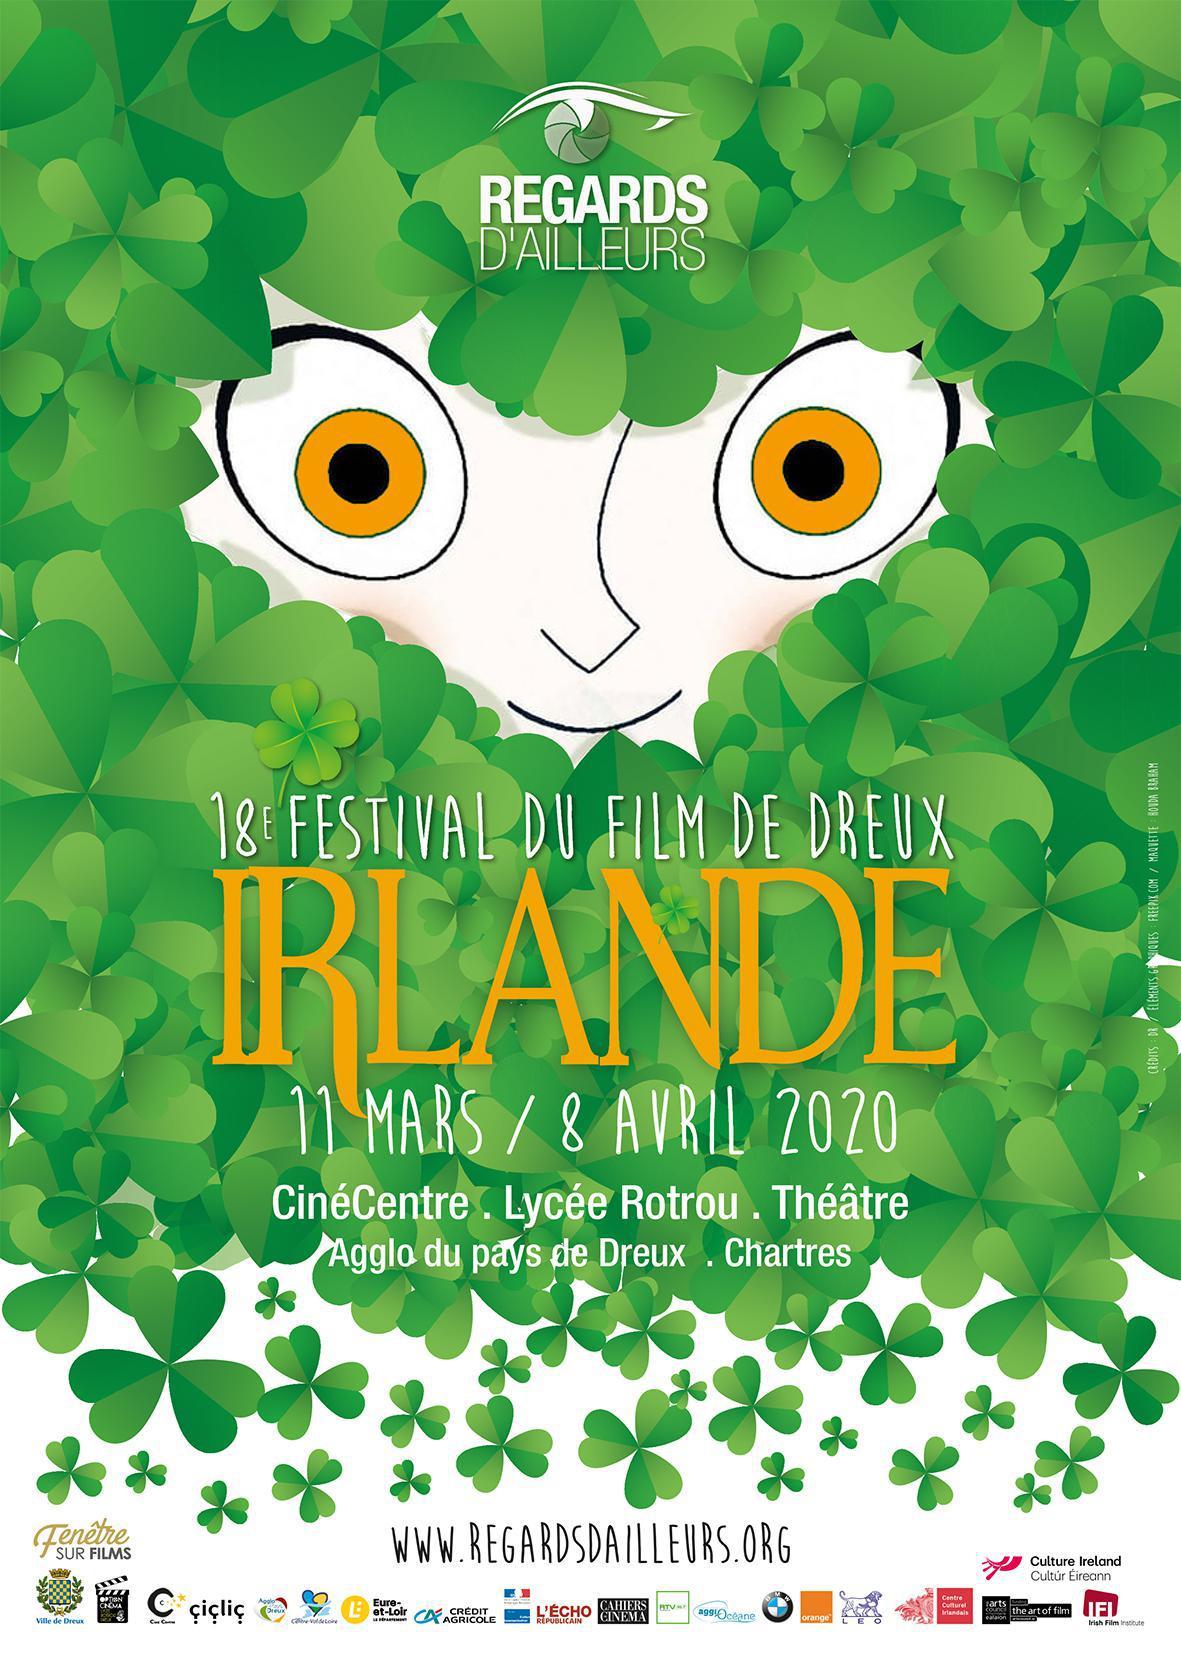 Découvrez l'Irlande au Festival Regards d'Ailleurs